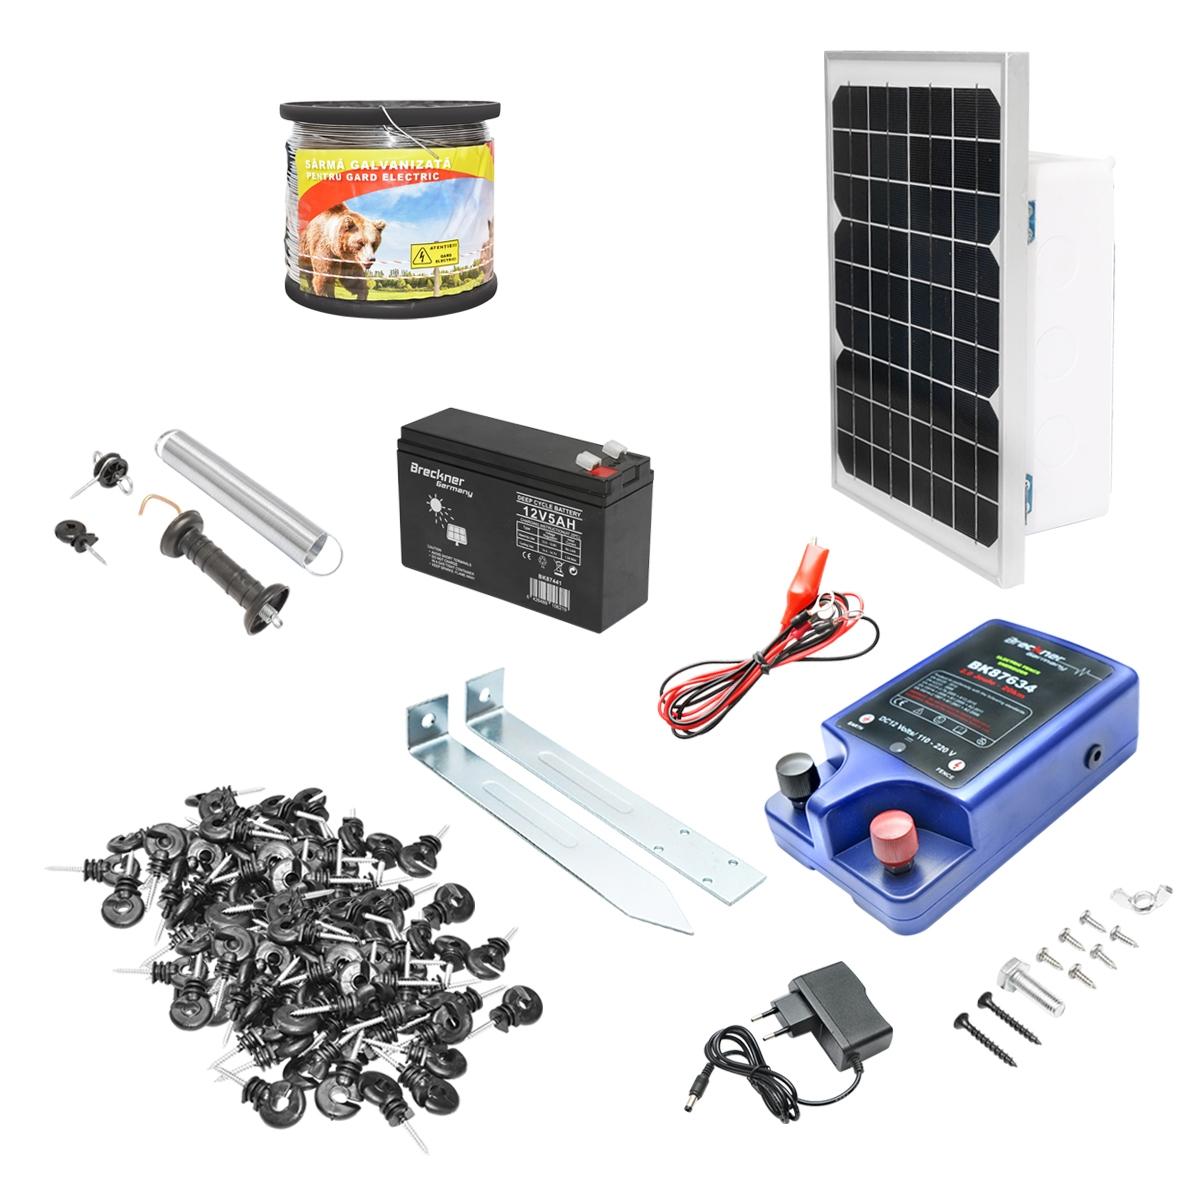 Kit complet gard electrif 12-220V 2 Joule cu panou solar 10W, 1000m sarma, 100 izolatori, kit poarta Breckner Germany